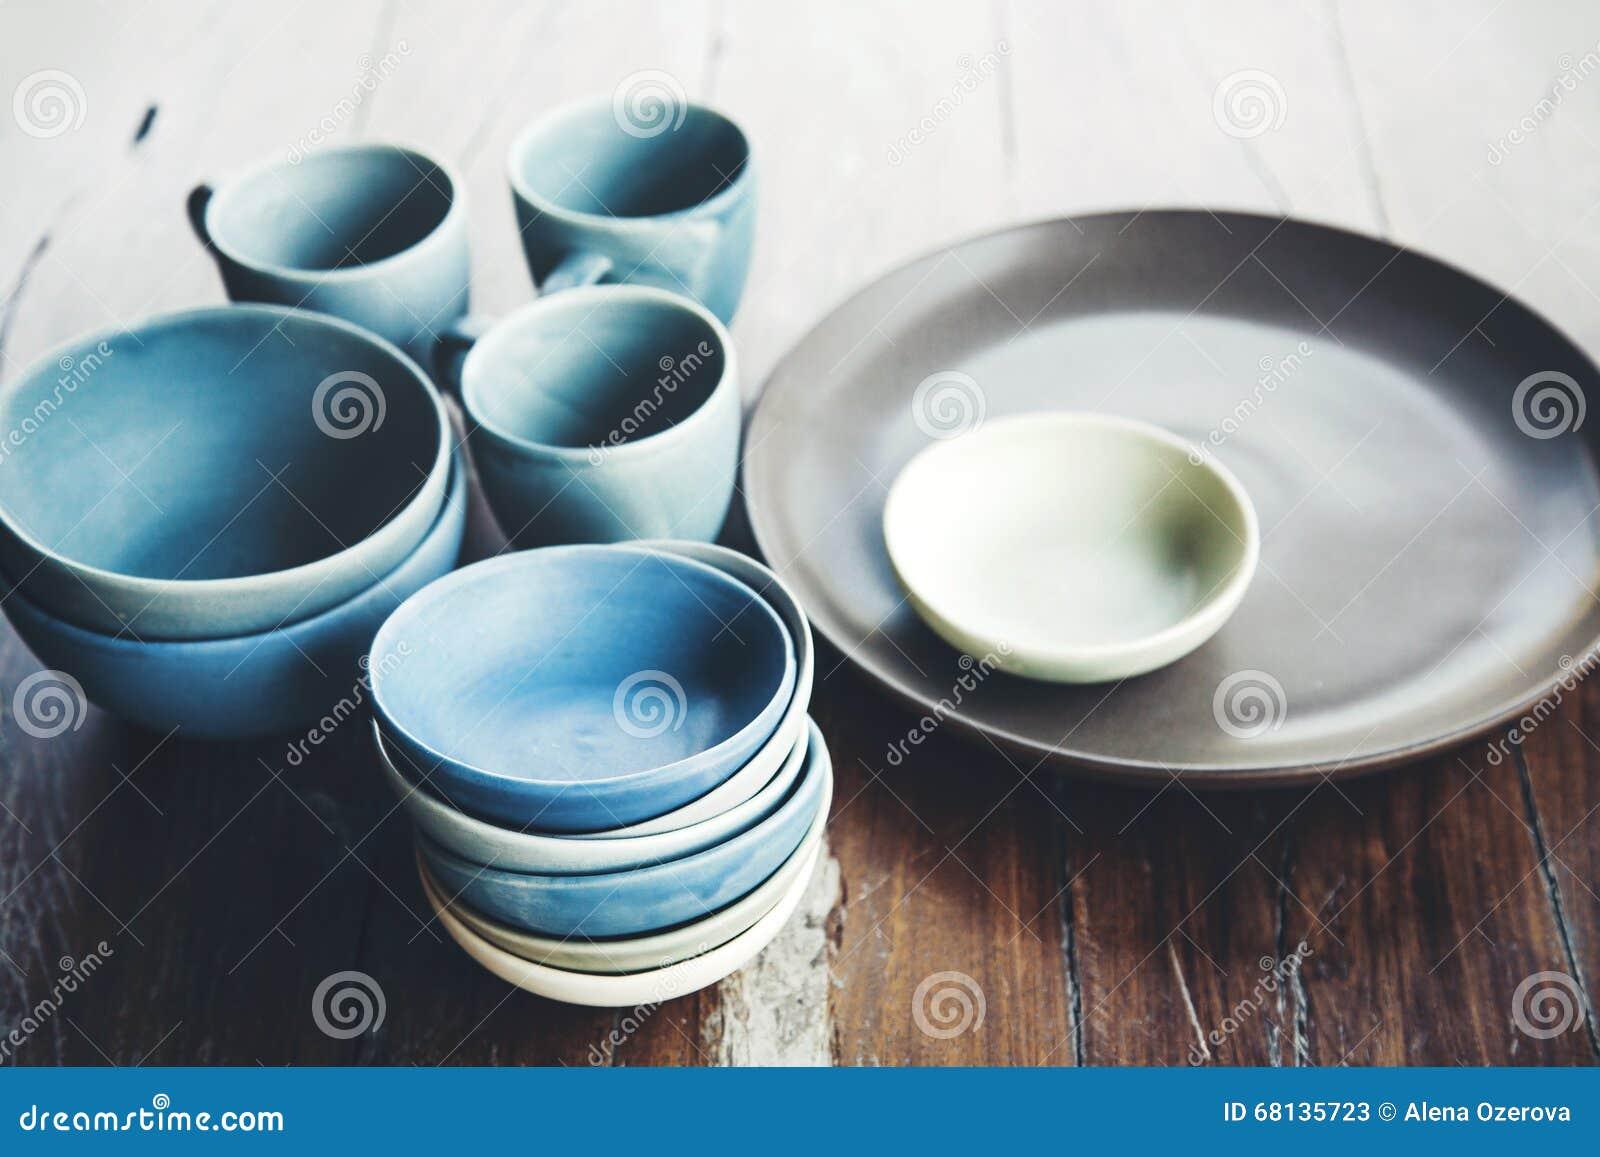 Platos de cer mica hechos a mano foto de archivo imagen for Platos de ceramica